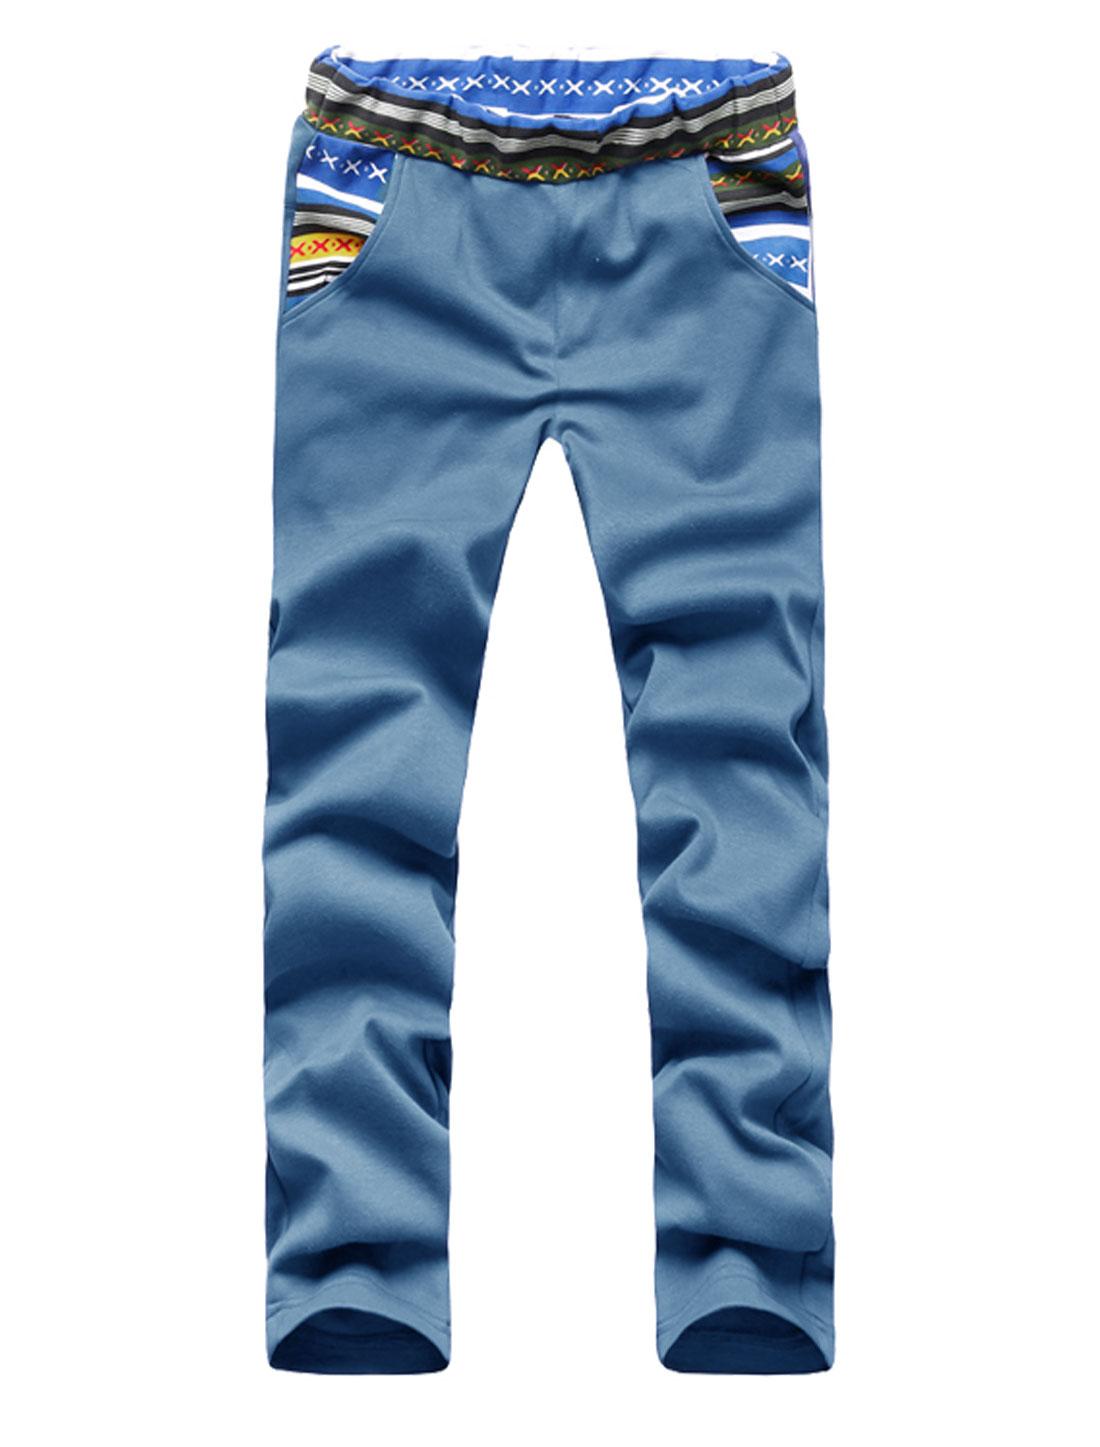 Men Elastic Waist Single Pocket Back Stylish Pants Turquoise W30